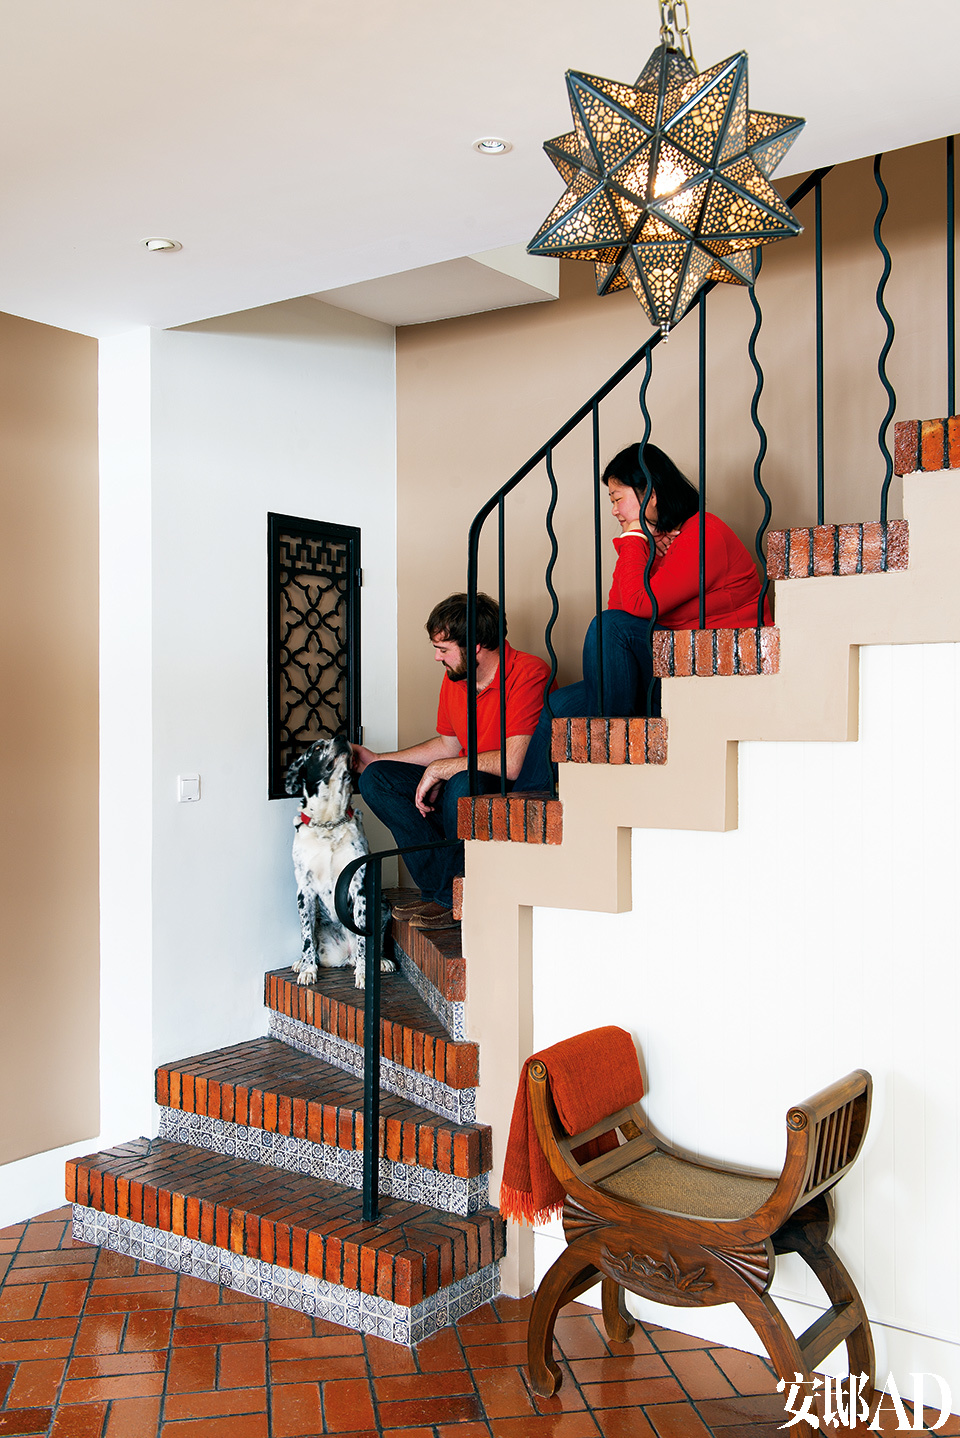 """通往二层的楼梯采用了当地常用的红釉砖,它下面则铺着传统的青花瓷砖,经过切割重新组合,带来新的视觉效果。大狗Danny就是Blake和Lili在北京收养的那只流浪狗,这次坐飞机来新疆""""度假""""了。"""